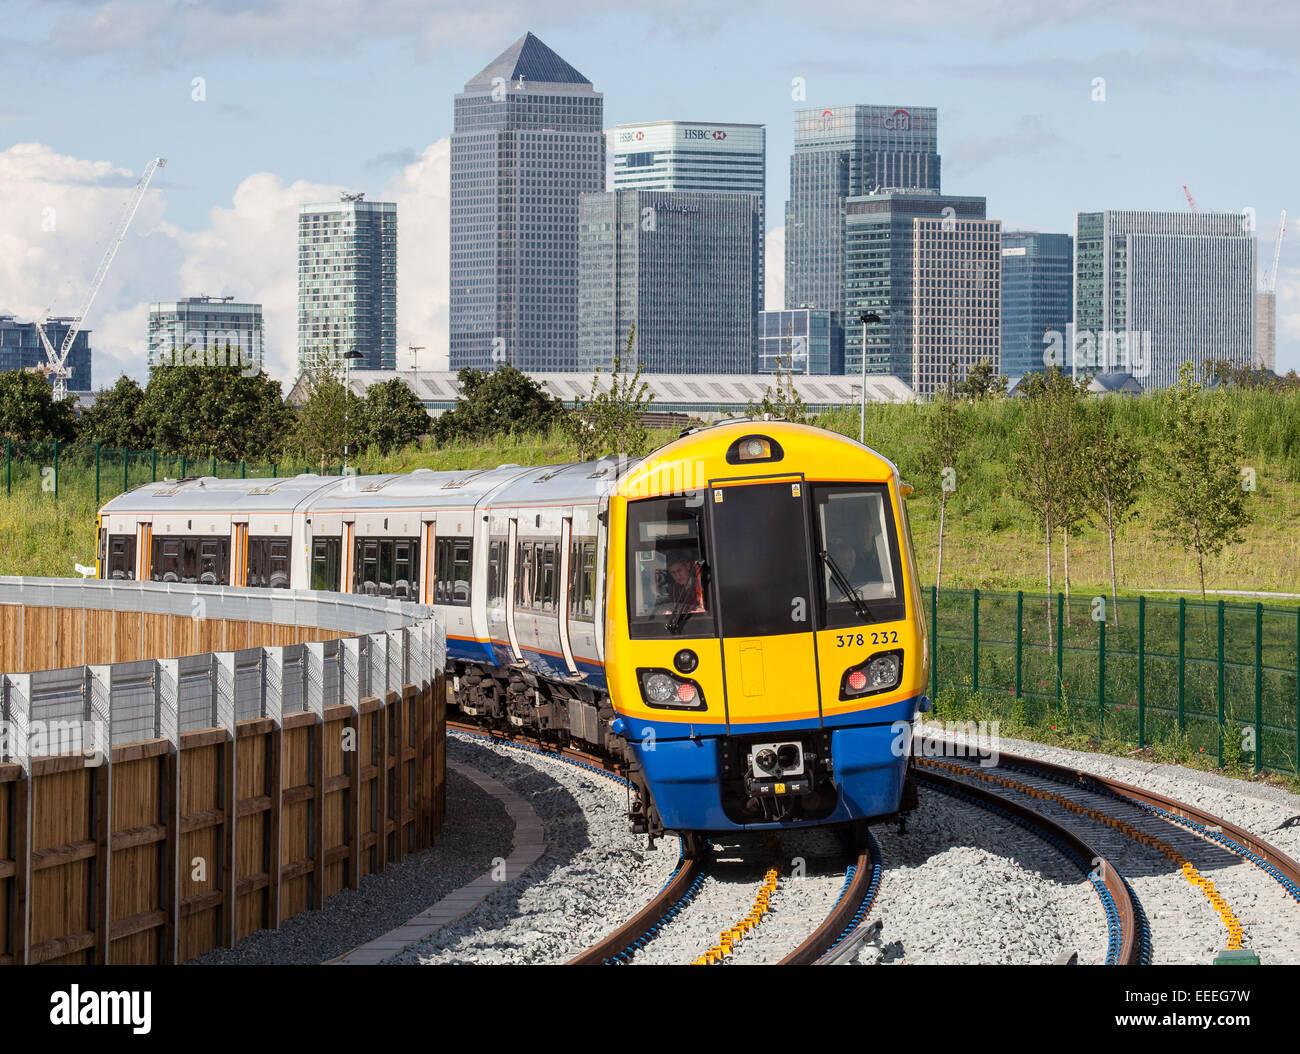 London Overground ELLP - Fase 2: Il primo treno di prova su pista Immagini Stock